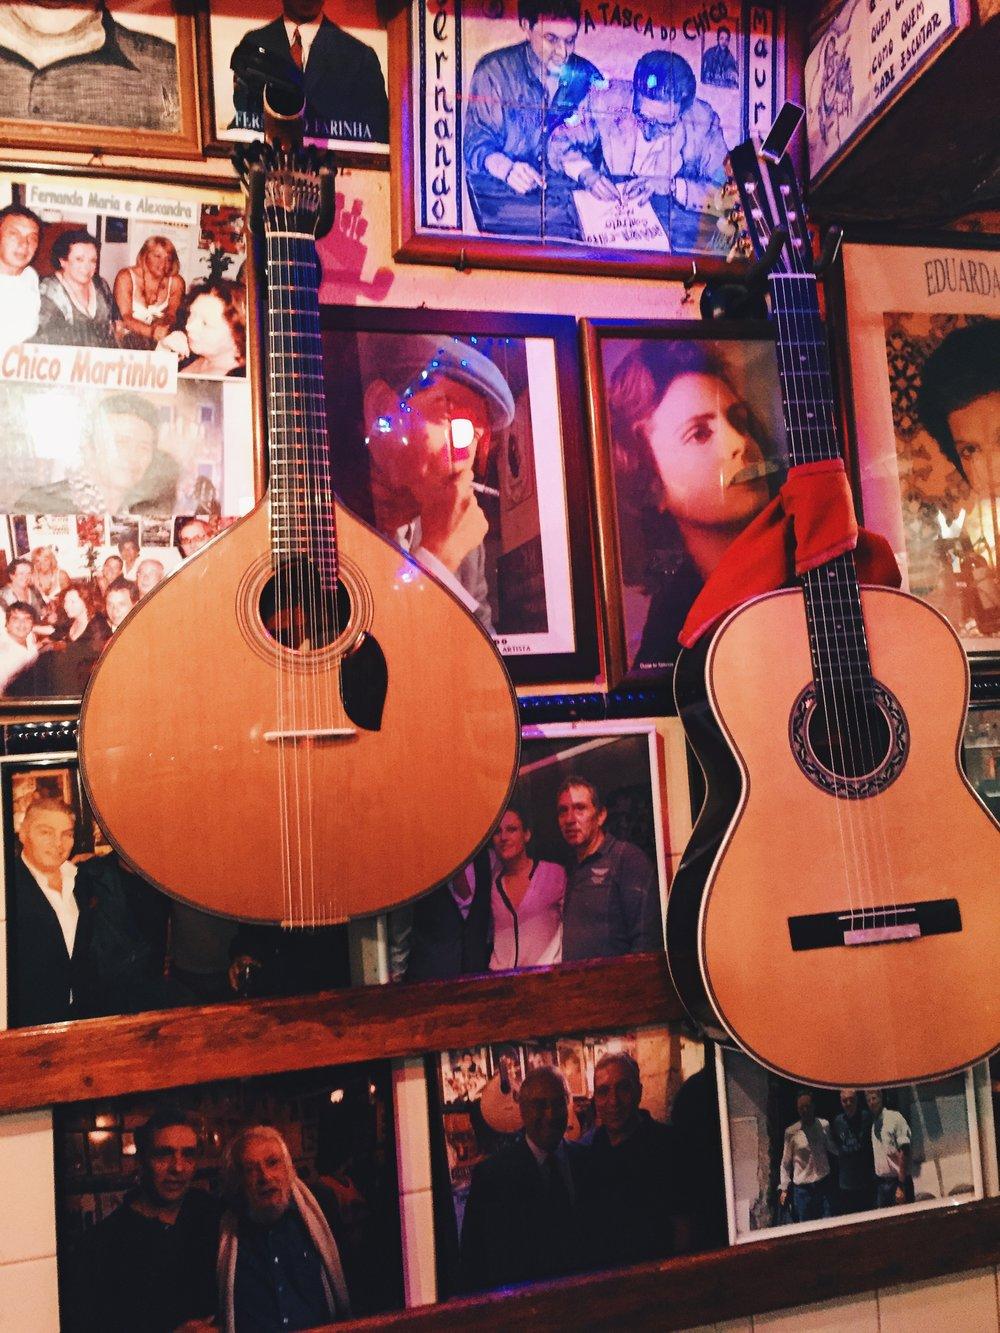 Fado show at Tasco do Chico